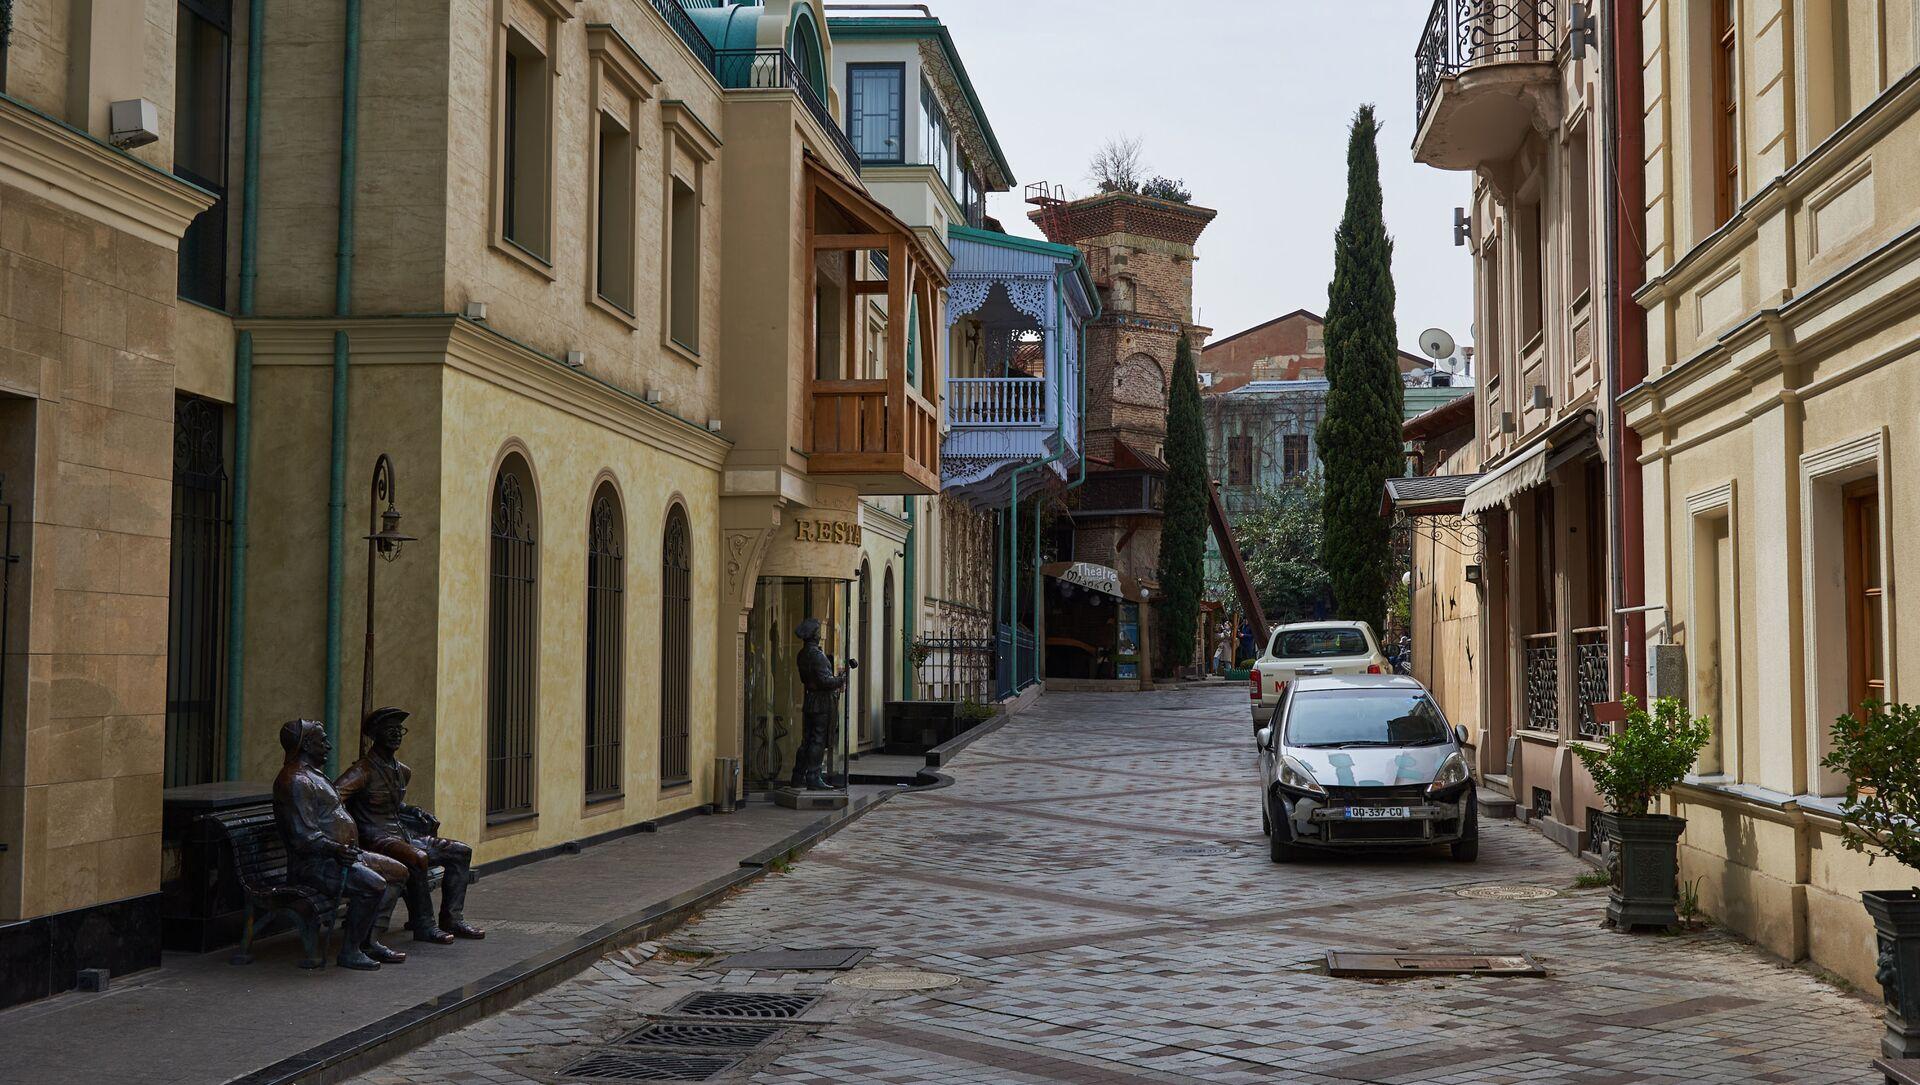 Вид на старый Тбилиси. Театр марионеток Резо Габриадзе и частные отели - Sputnik Грузия, 1920, 16.04.2021